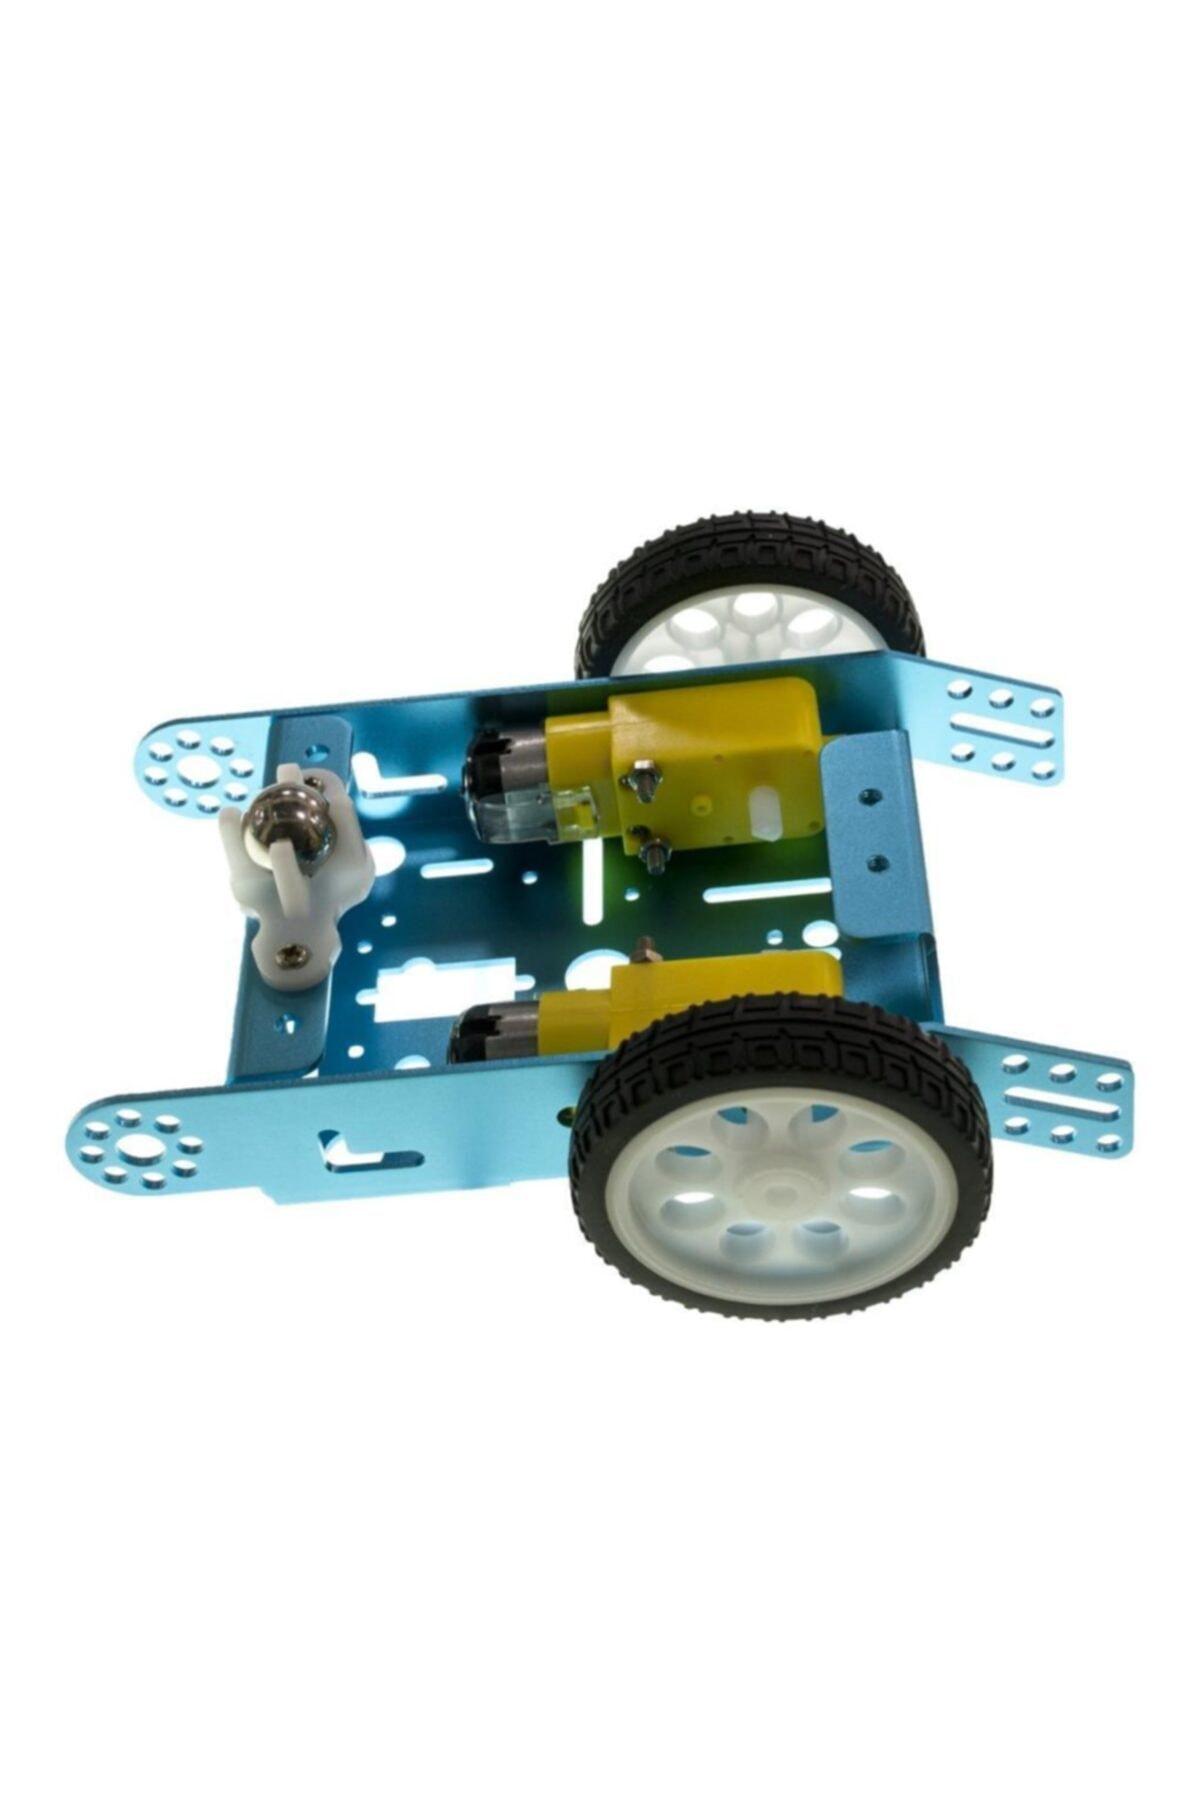 Motorobit 2wd Mbot Alüminyum Araç Kiti - Mavi ( Motor Ve Tekerlek Dahil) 2